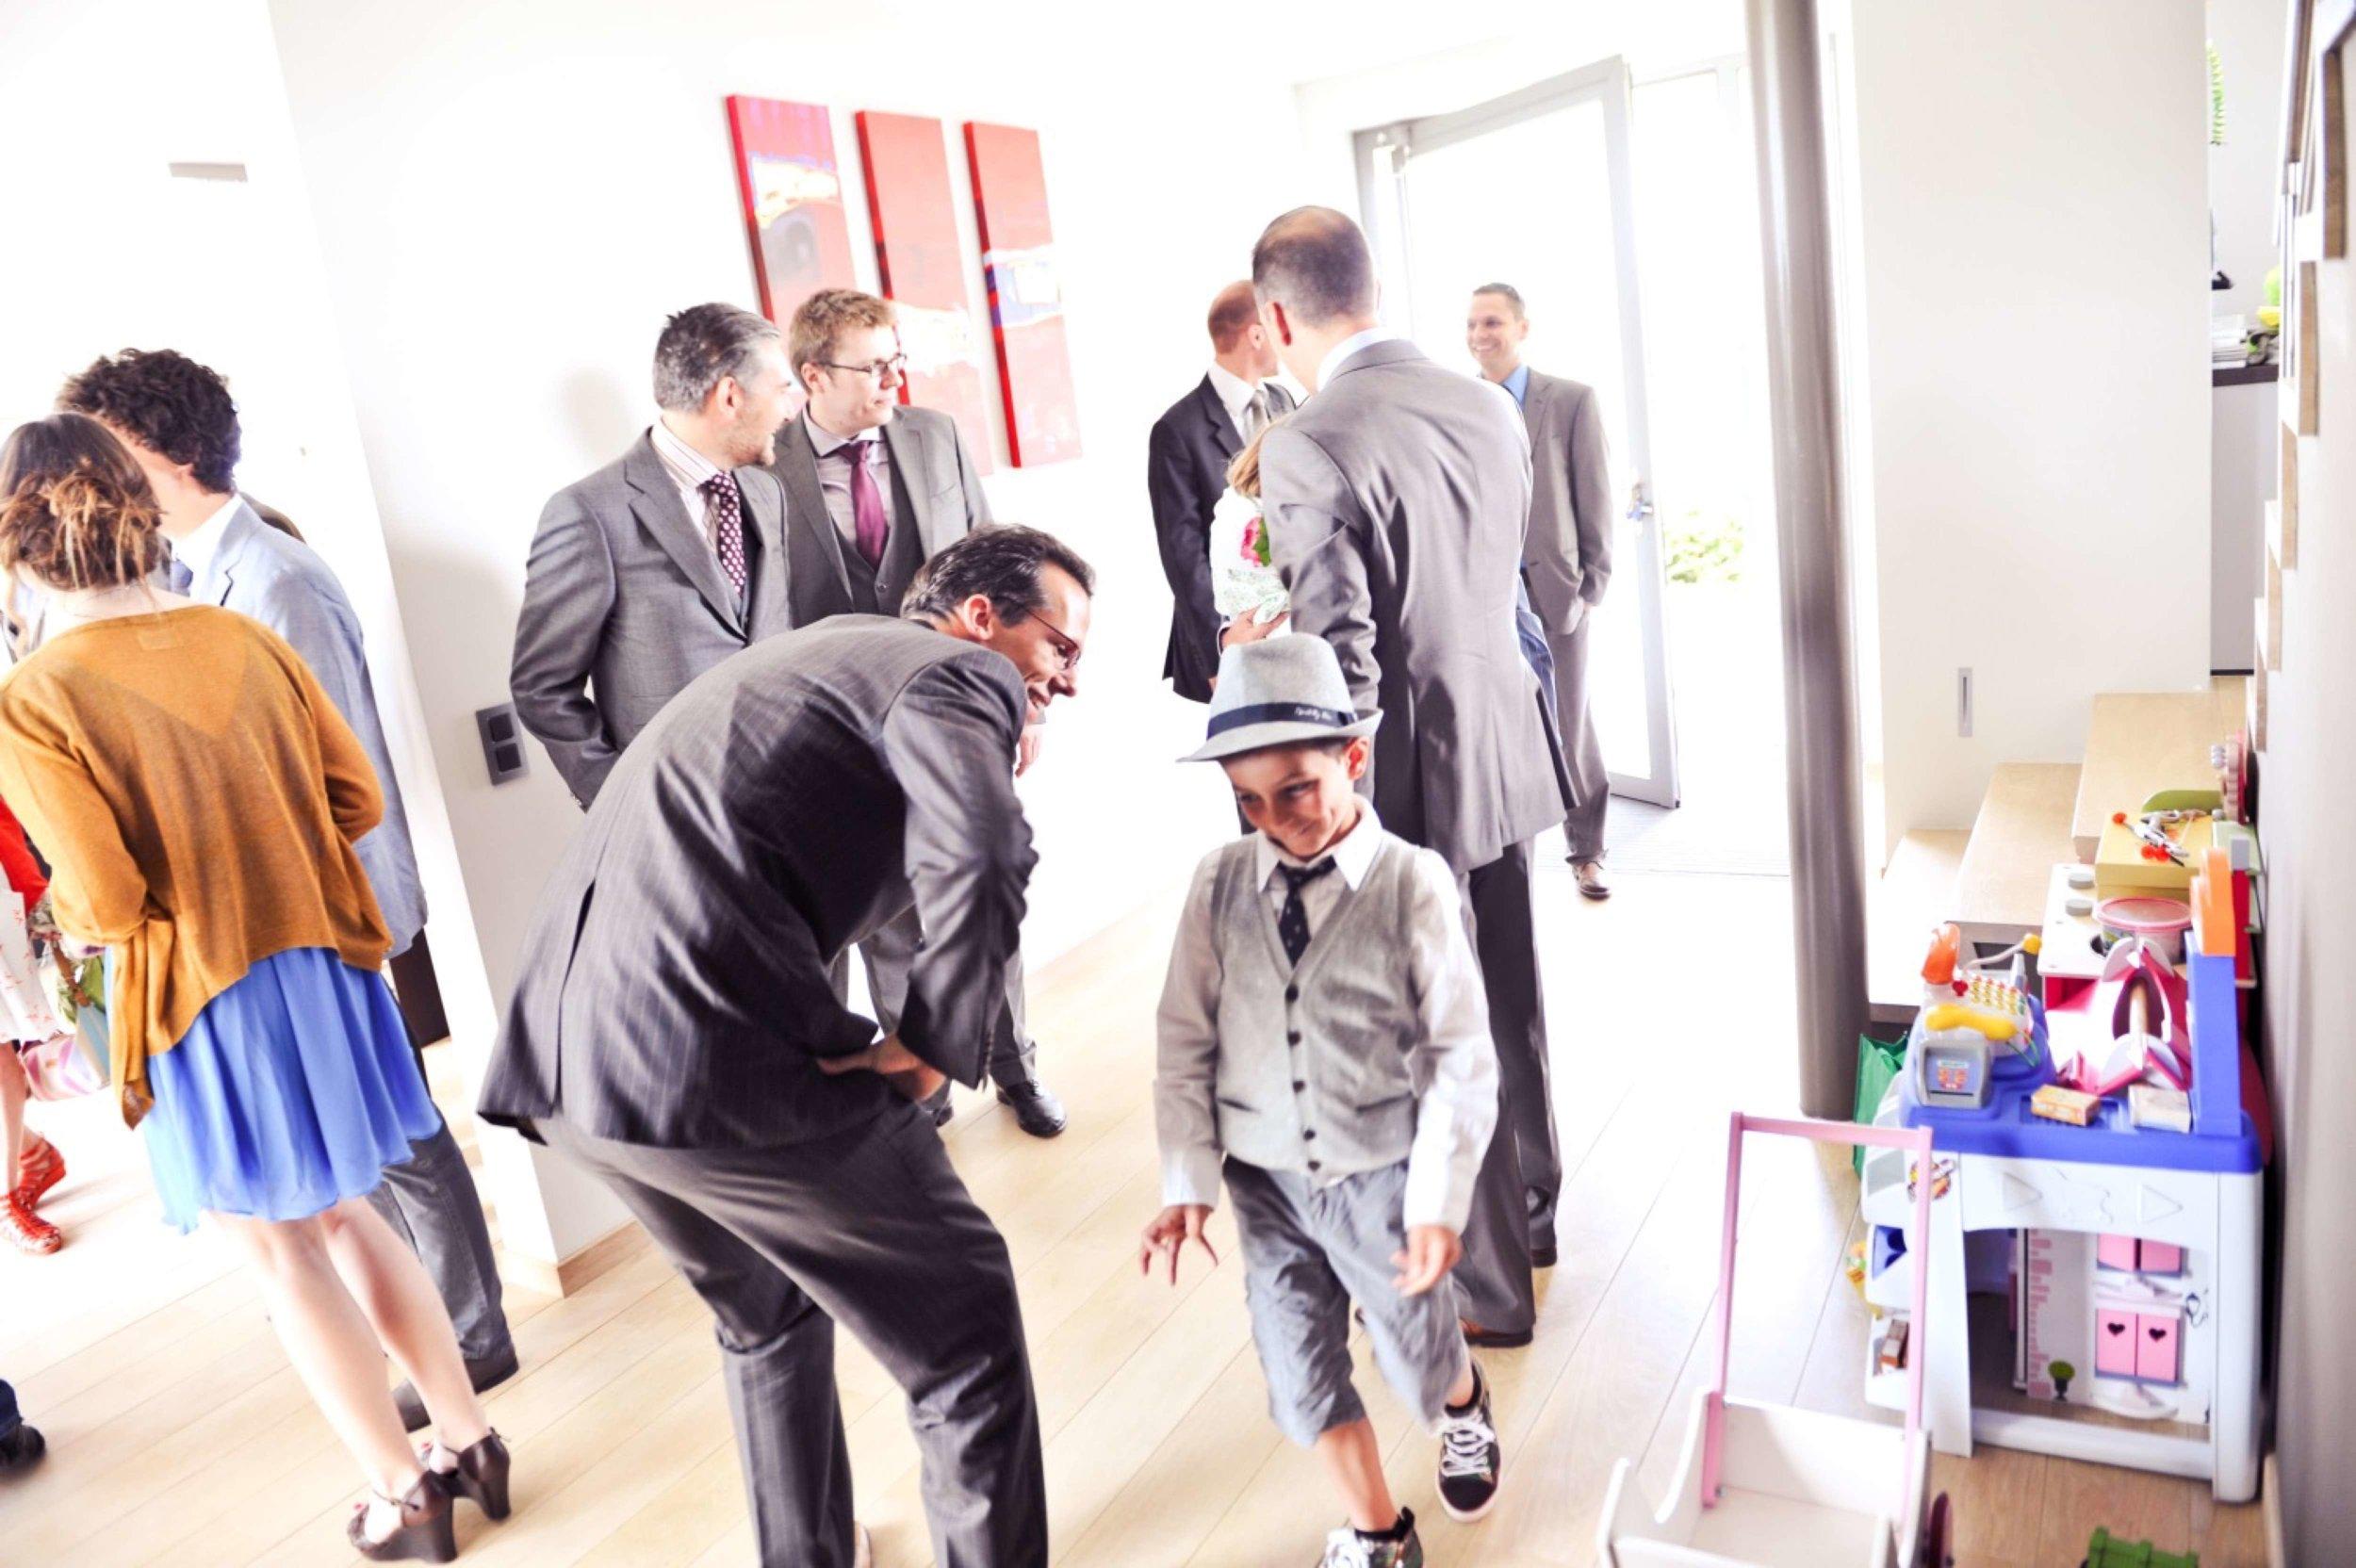 Bart Albrecht fotograaf photographer belgium belgie anbtwerpen antwerp wedding huwelijk huwelijksfotograaf trouwfotograaf trouw bruid bruidegom trouwkleed ceremonie weddingdress topphotographer topfotograaf beste best top 10 151.jpg